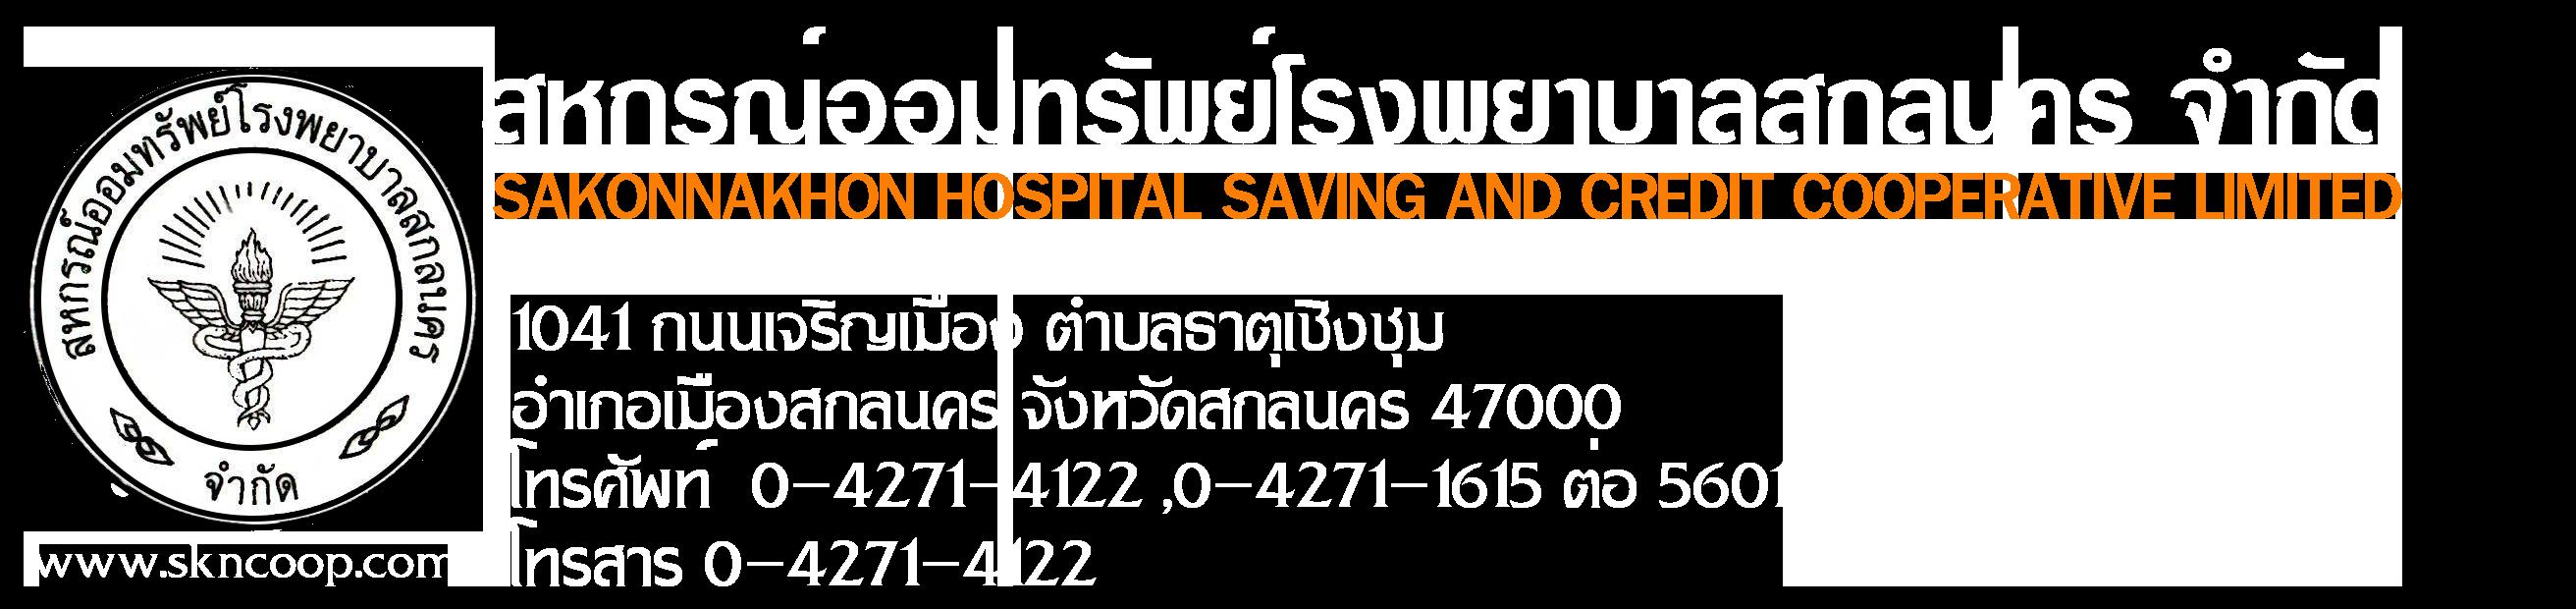 สหกรณ์ออมทรัพย์โรงพยาบาลสกลนคร จำกัด